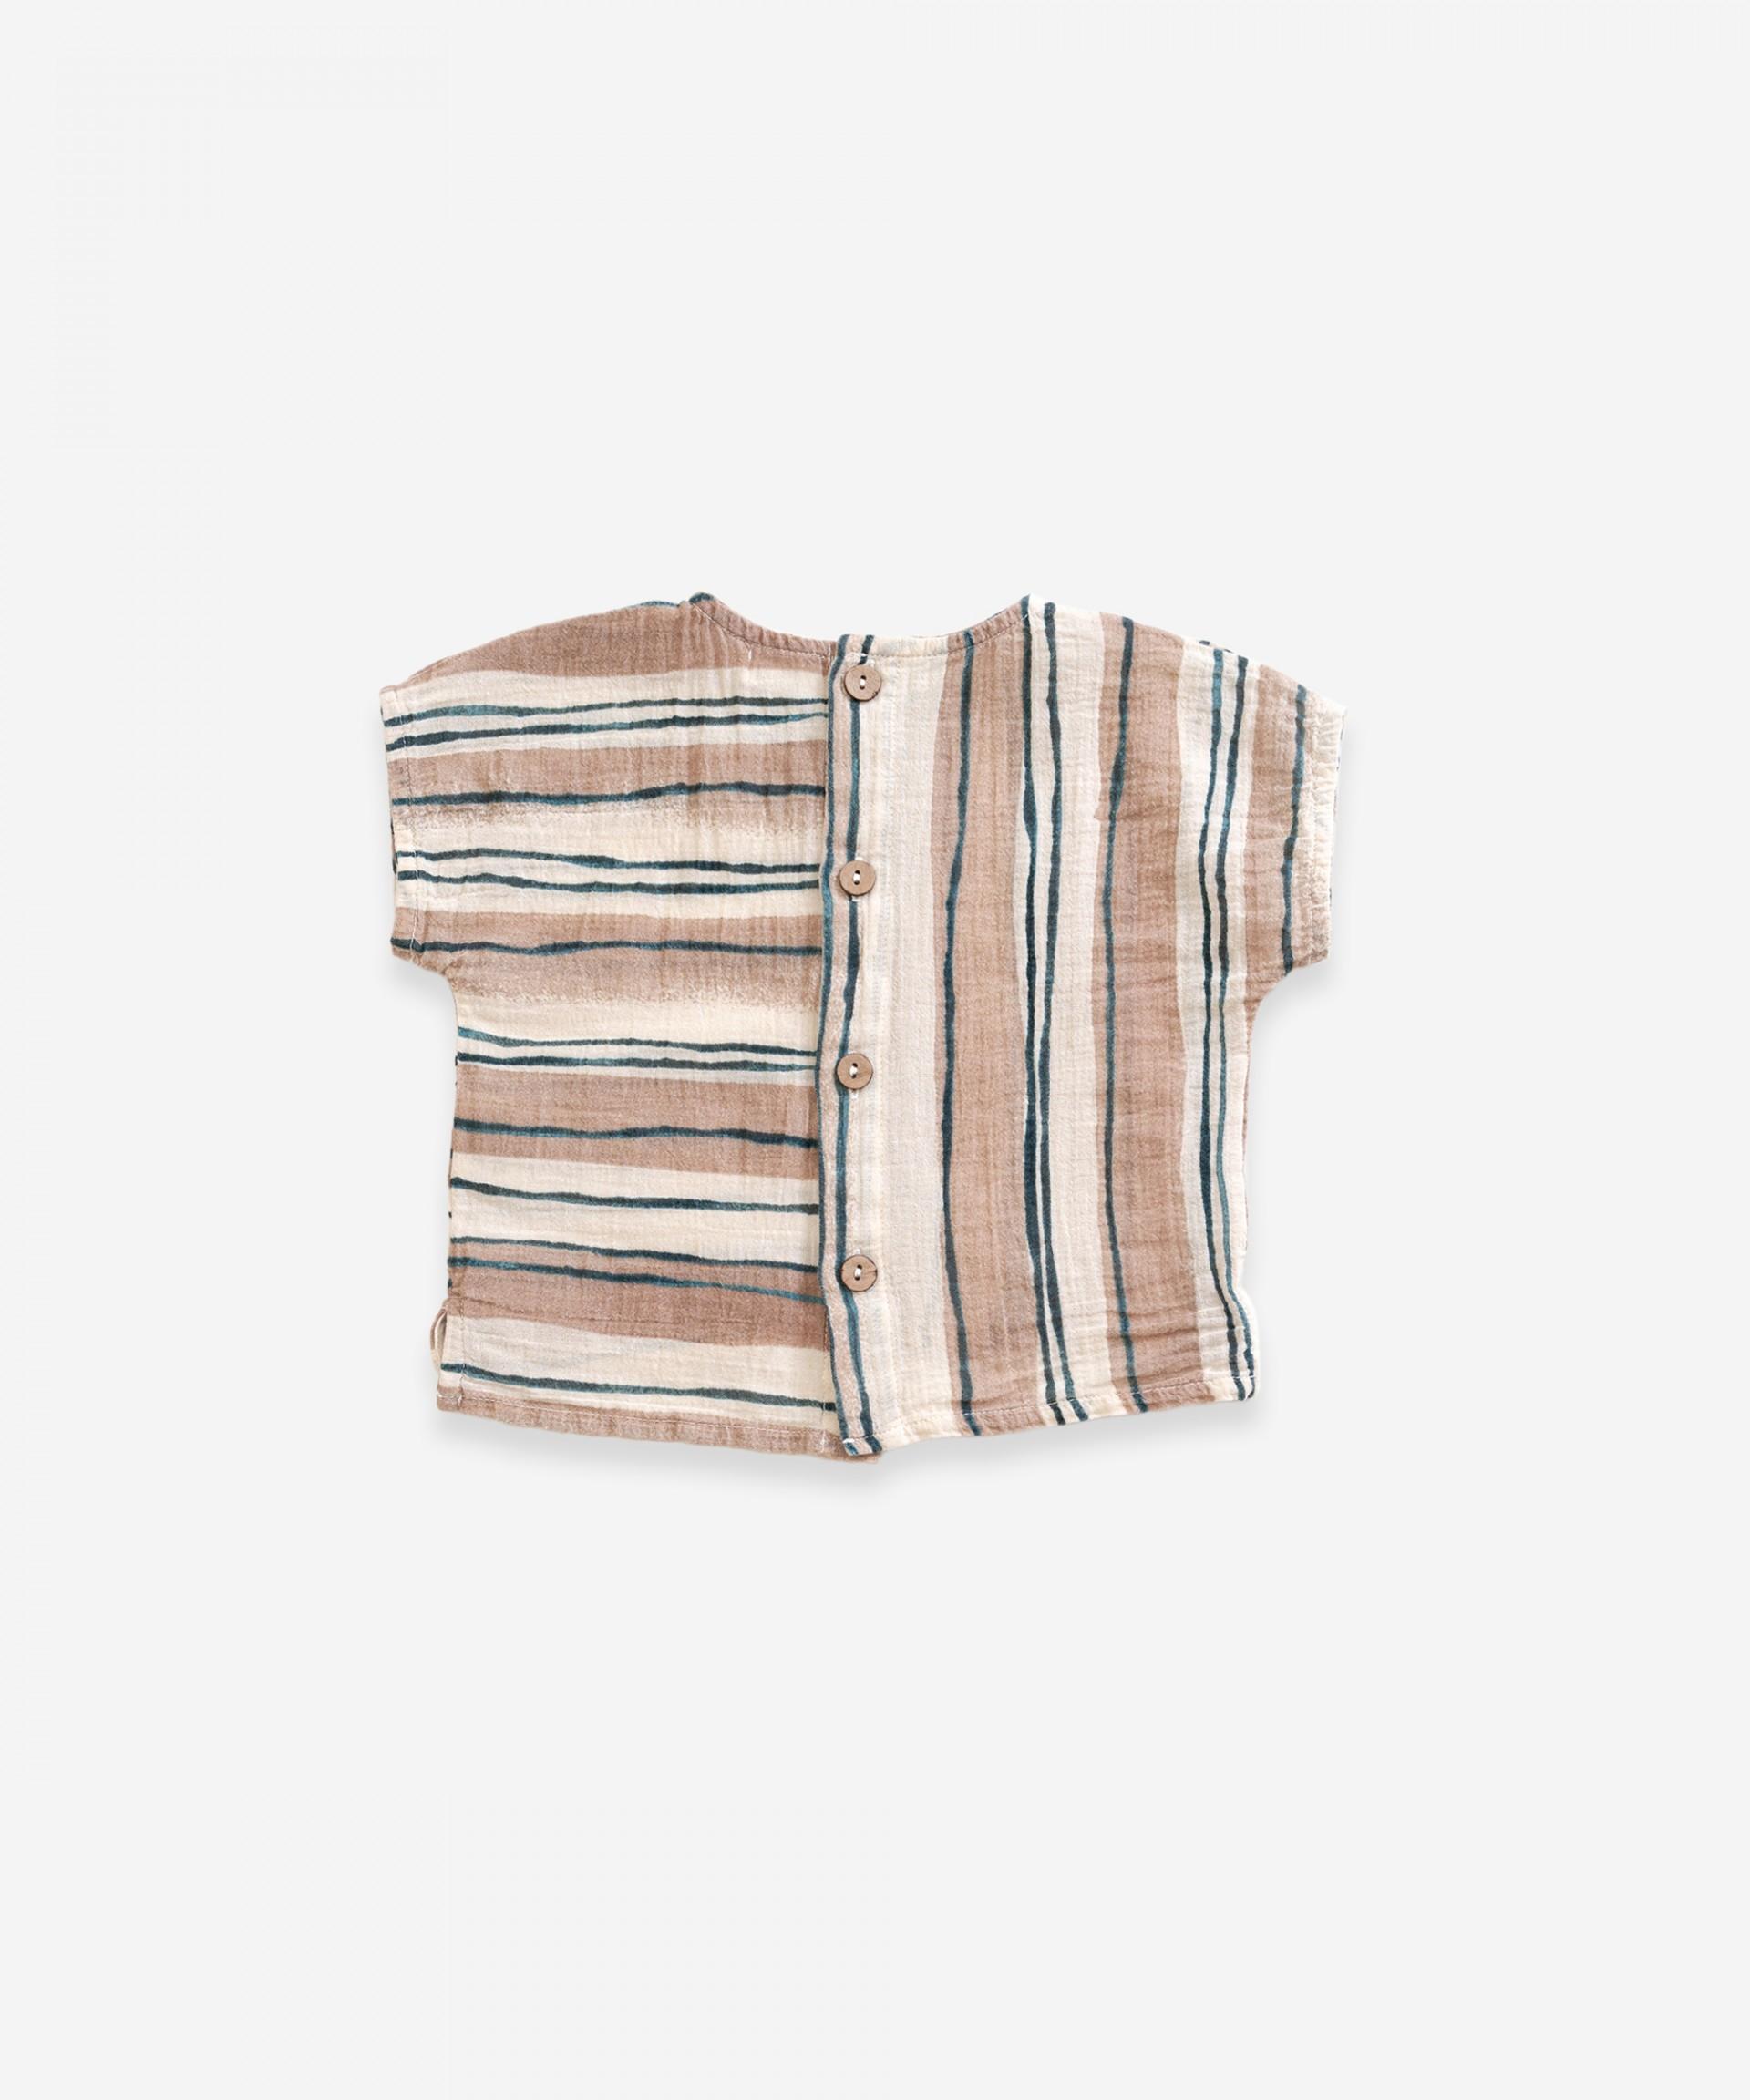 Camisa em tecido com abertura nas costas | Weaving